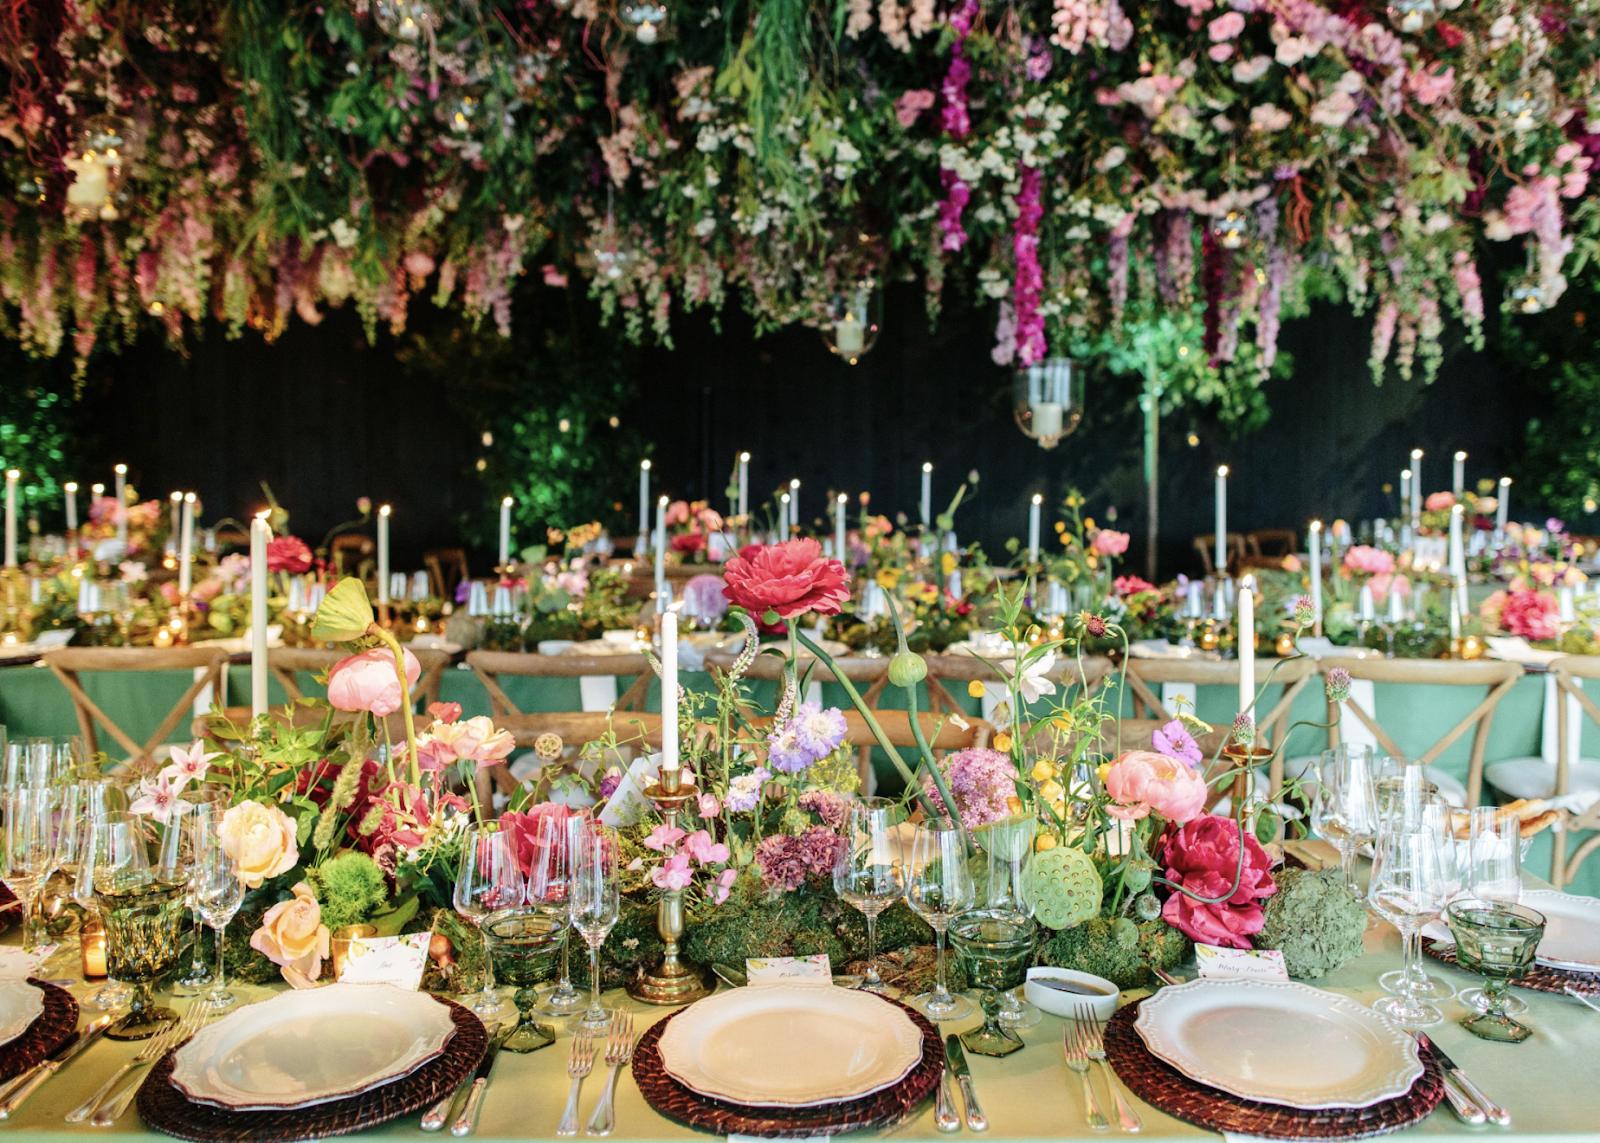 Van Wyck Weddings, bodas en Nueva York, proveedores exclusivos de boda en Nueva York - Wedding Hub - 012